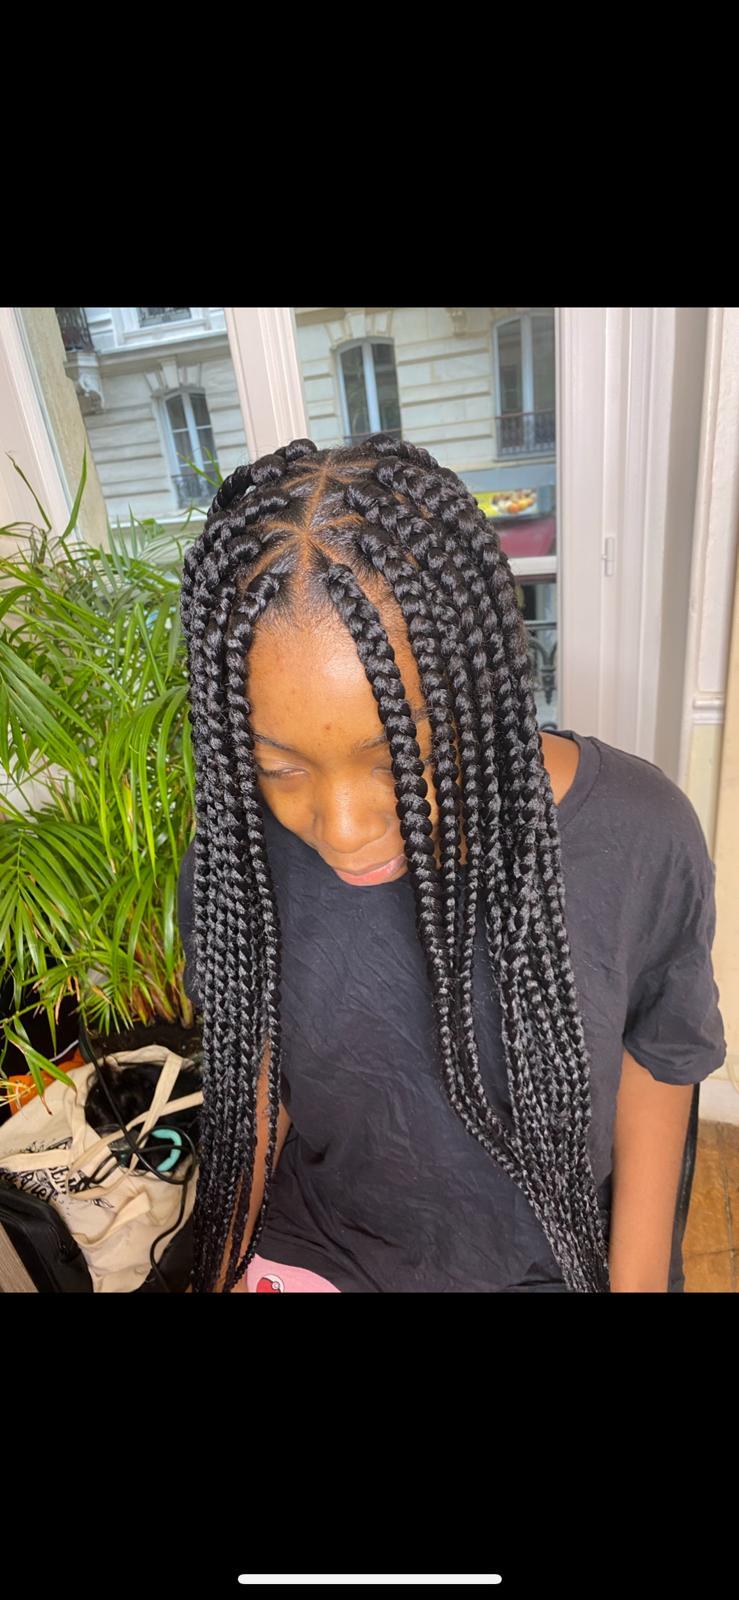 salon de coiffure afro tresse tresses box braids crochet braids vanilles tissages paris 75 77 78 91 92 93 94 95 YCDACOXC